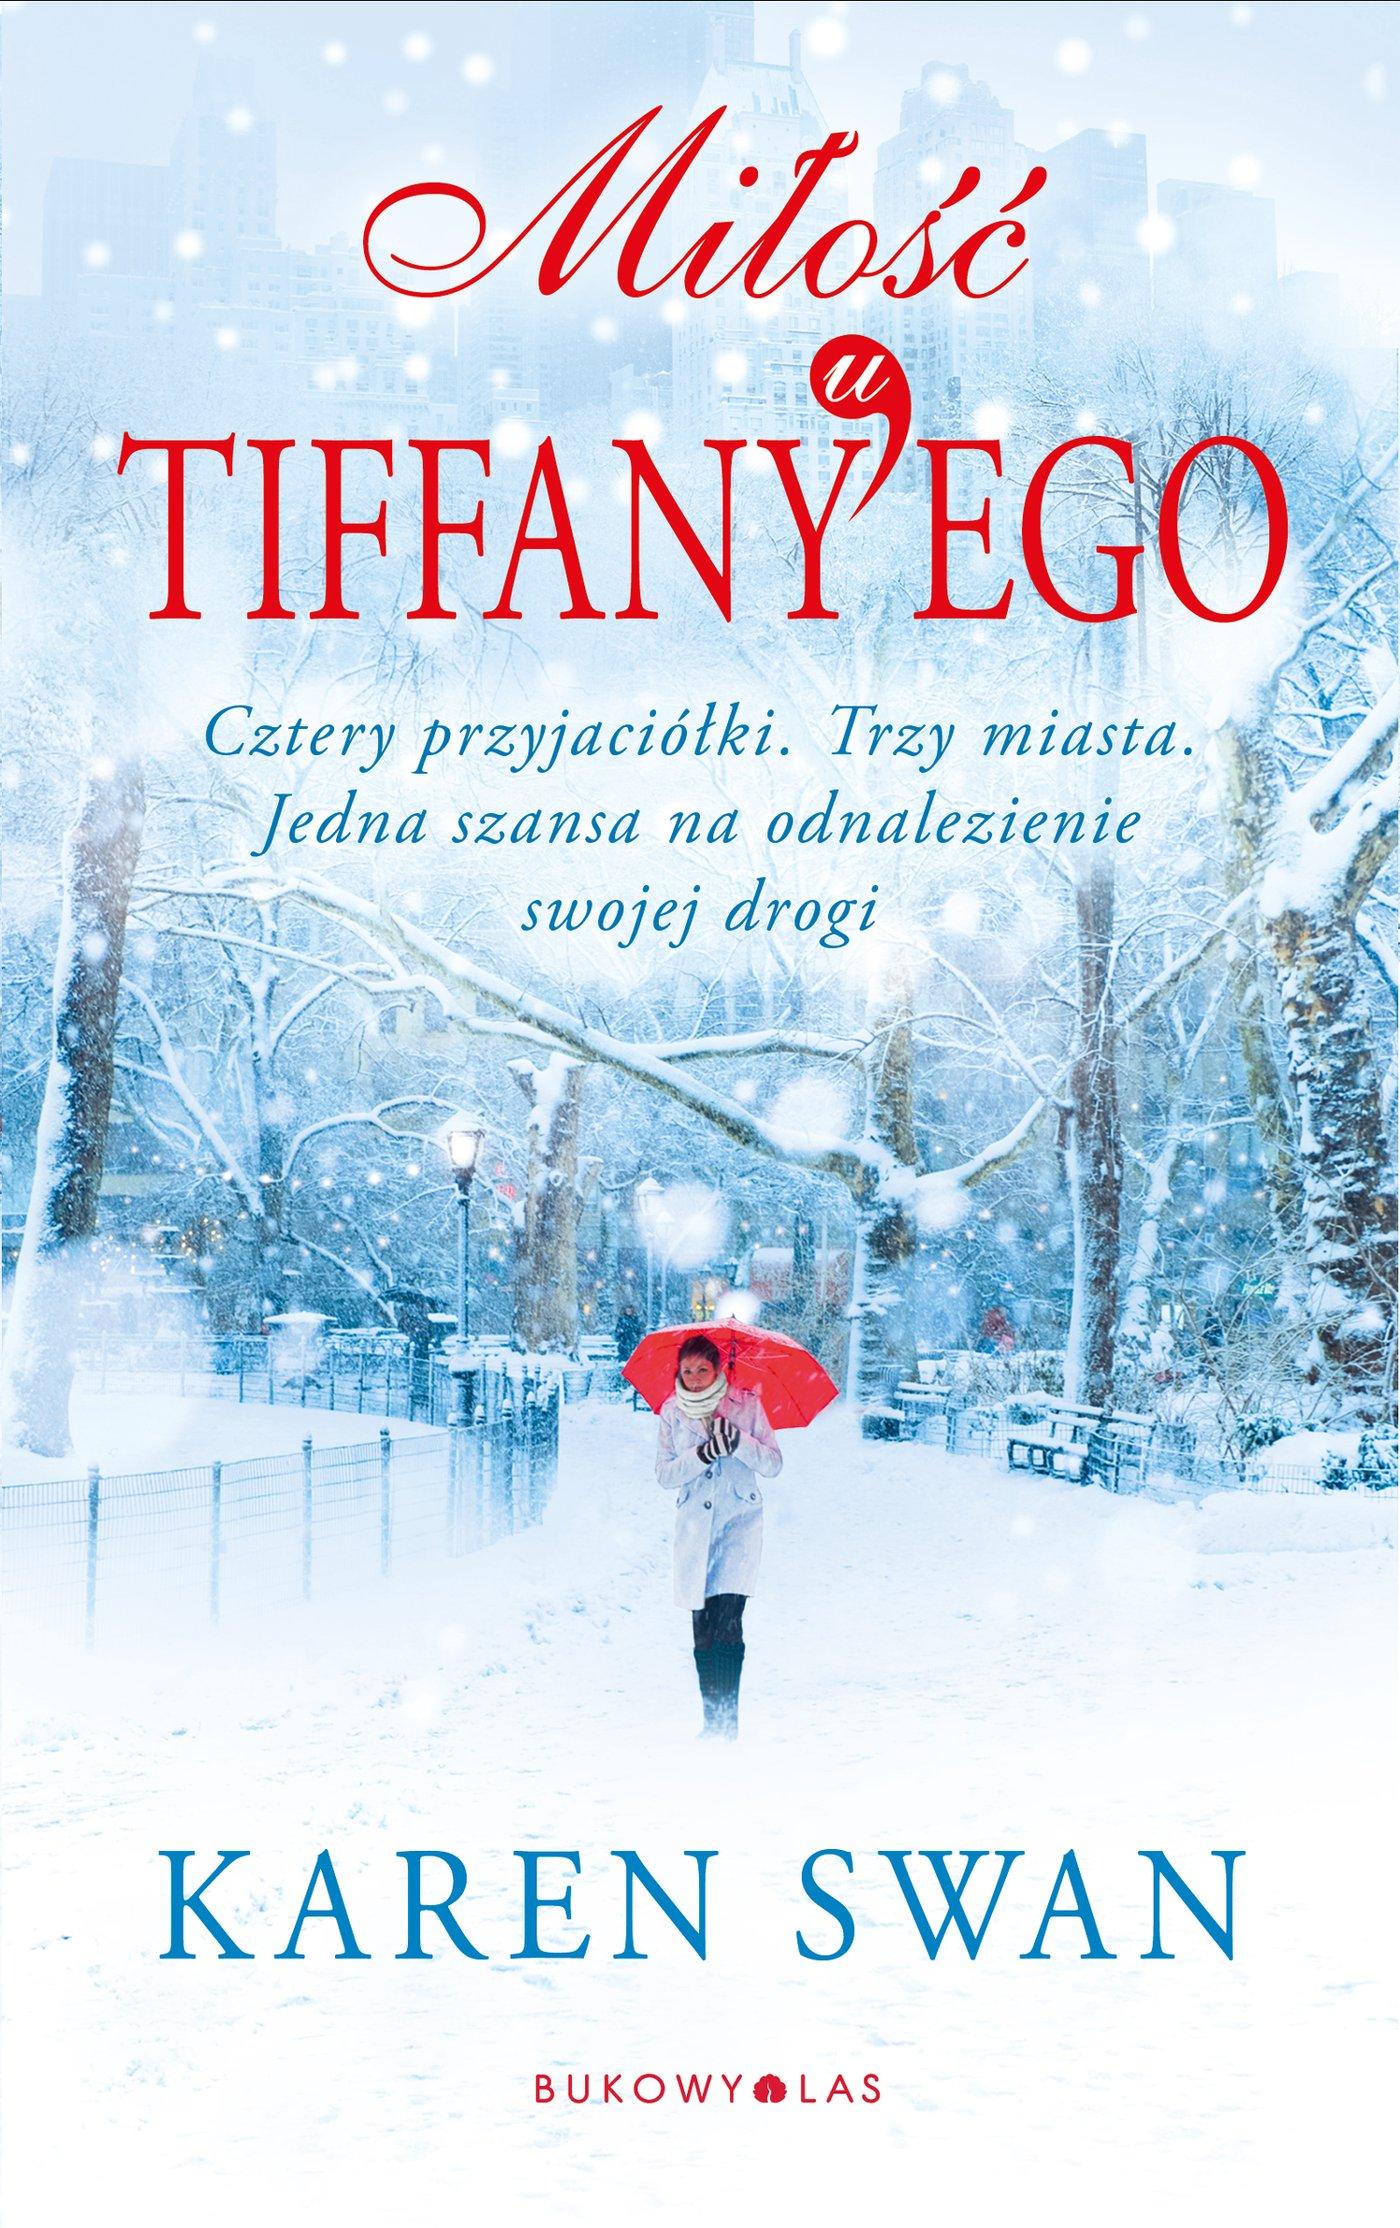 Miłość u Tiffany'ego - Ebook (Książka na Kindle) do pobrania w formacie MOBI